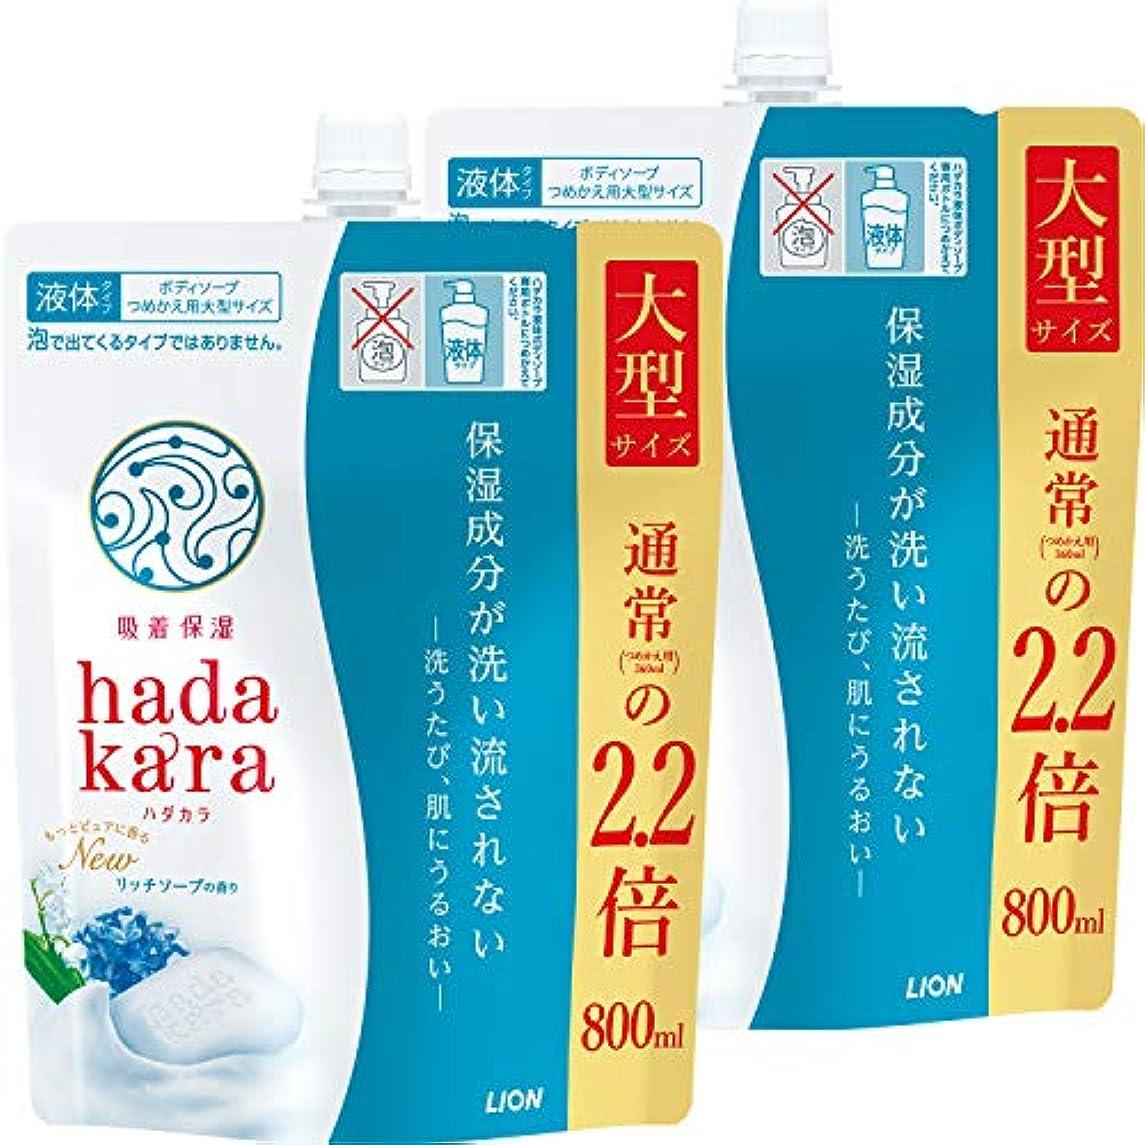 道を作る無秩序閃光【まとめ買い_大容量】hadakara(ハダカラ) ボディソープ リッチソープの香り つめかえ用大型サイズ 800ml×2個